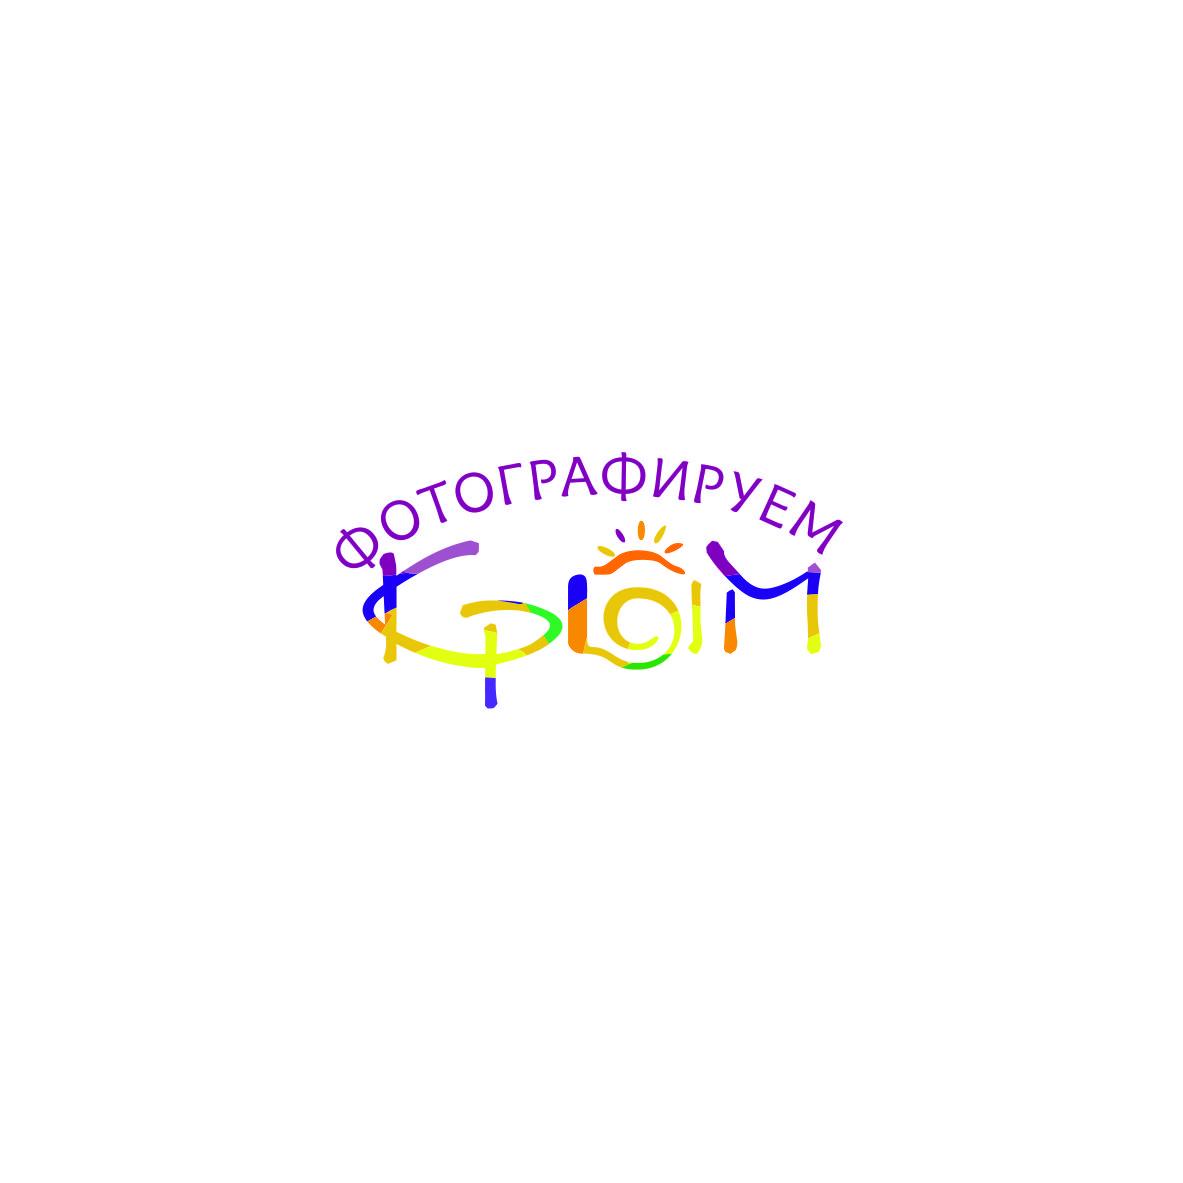 ЛОГОТИП + фирменный стиль фотоконкурса ФОТОГРАФИРУЕМ КРЫМ фото f_8875c0b2978eccf5.jpg